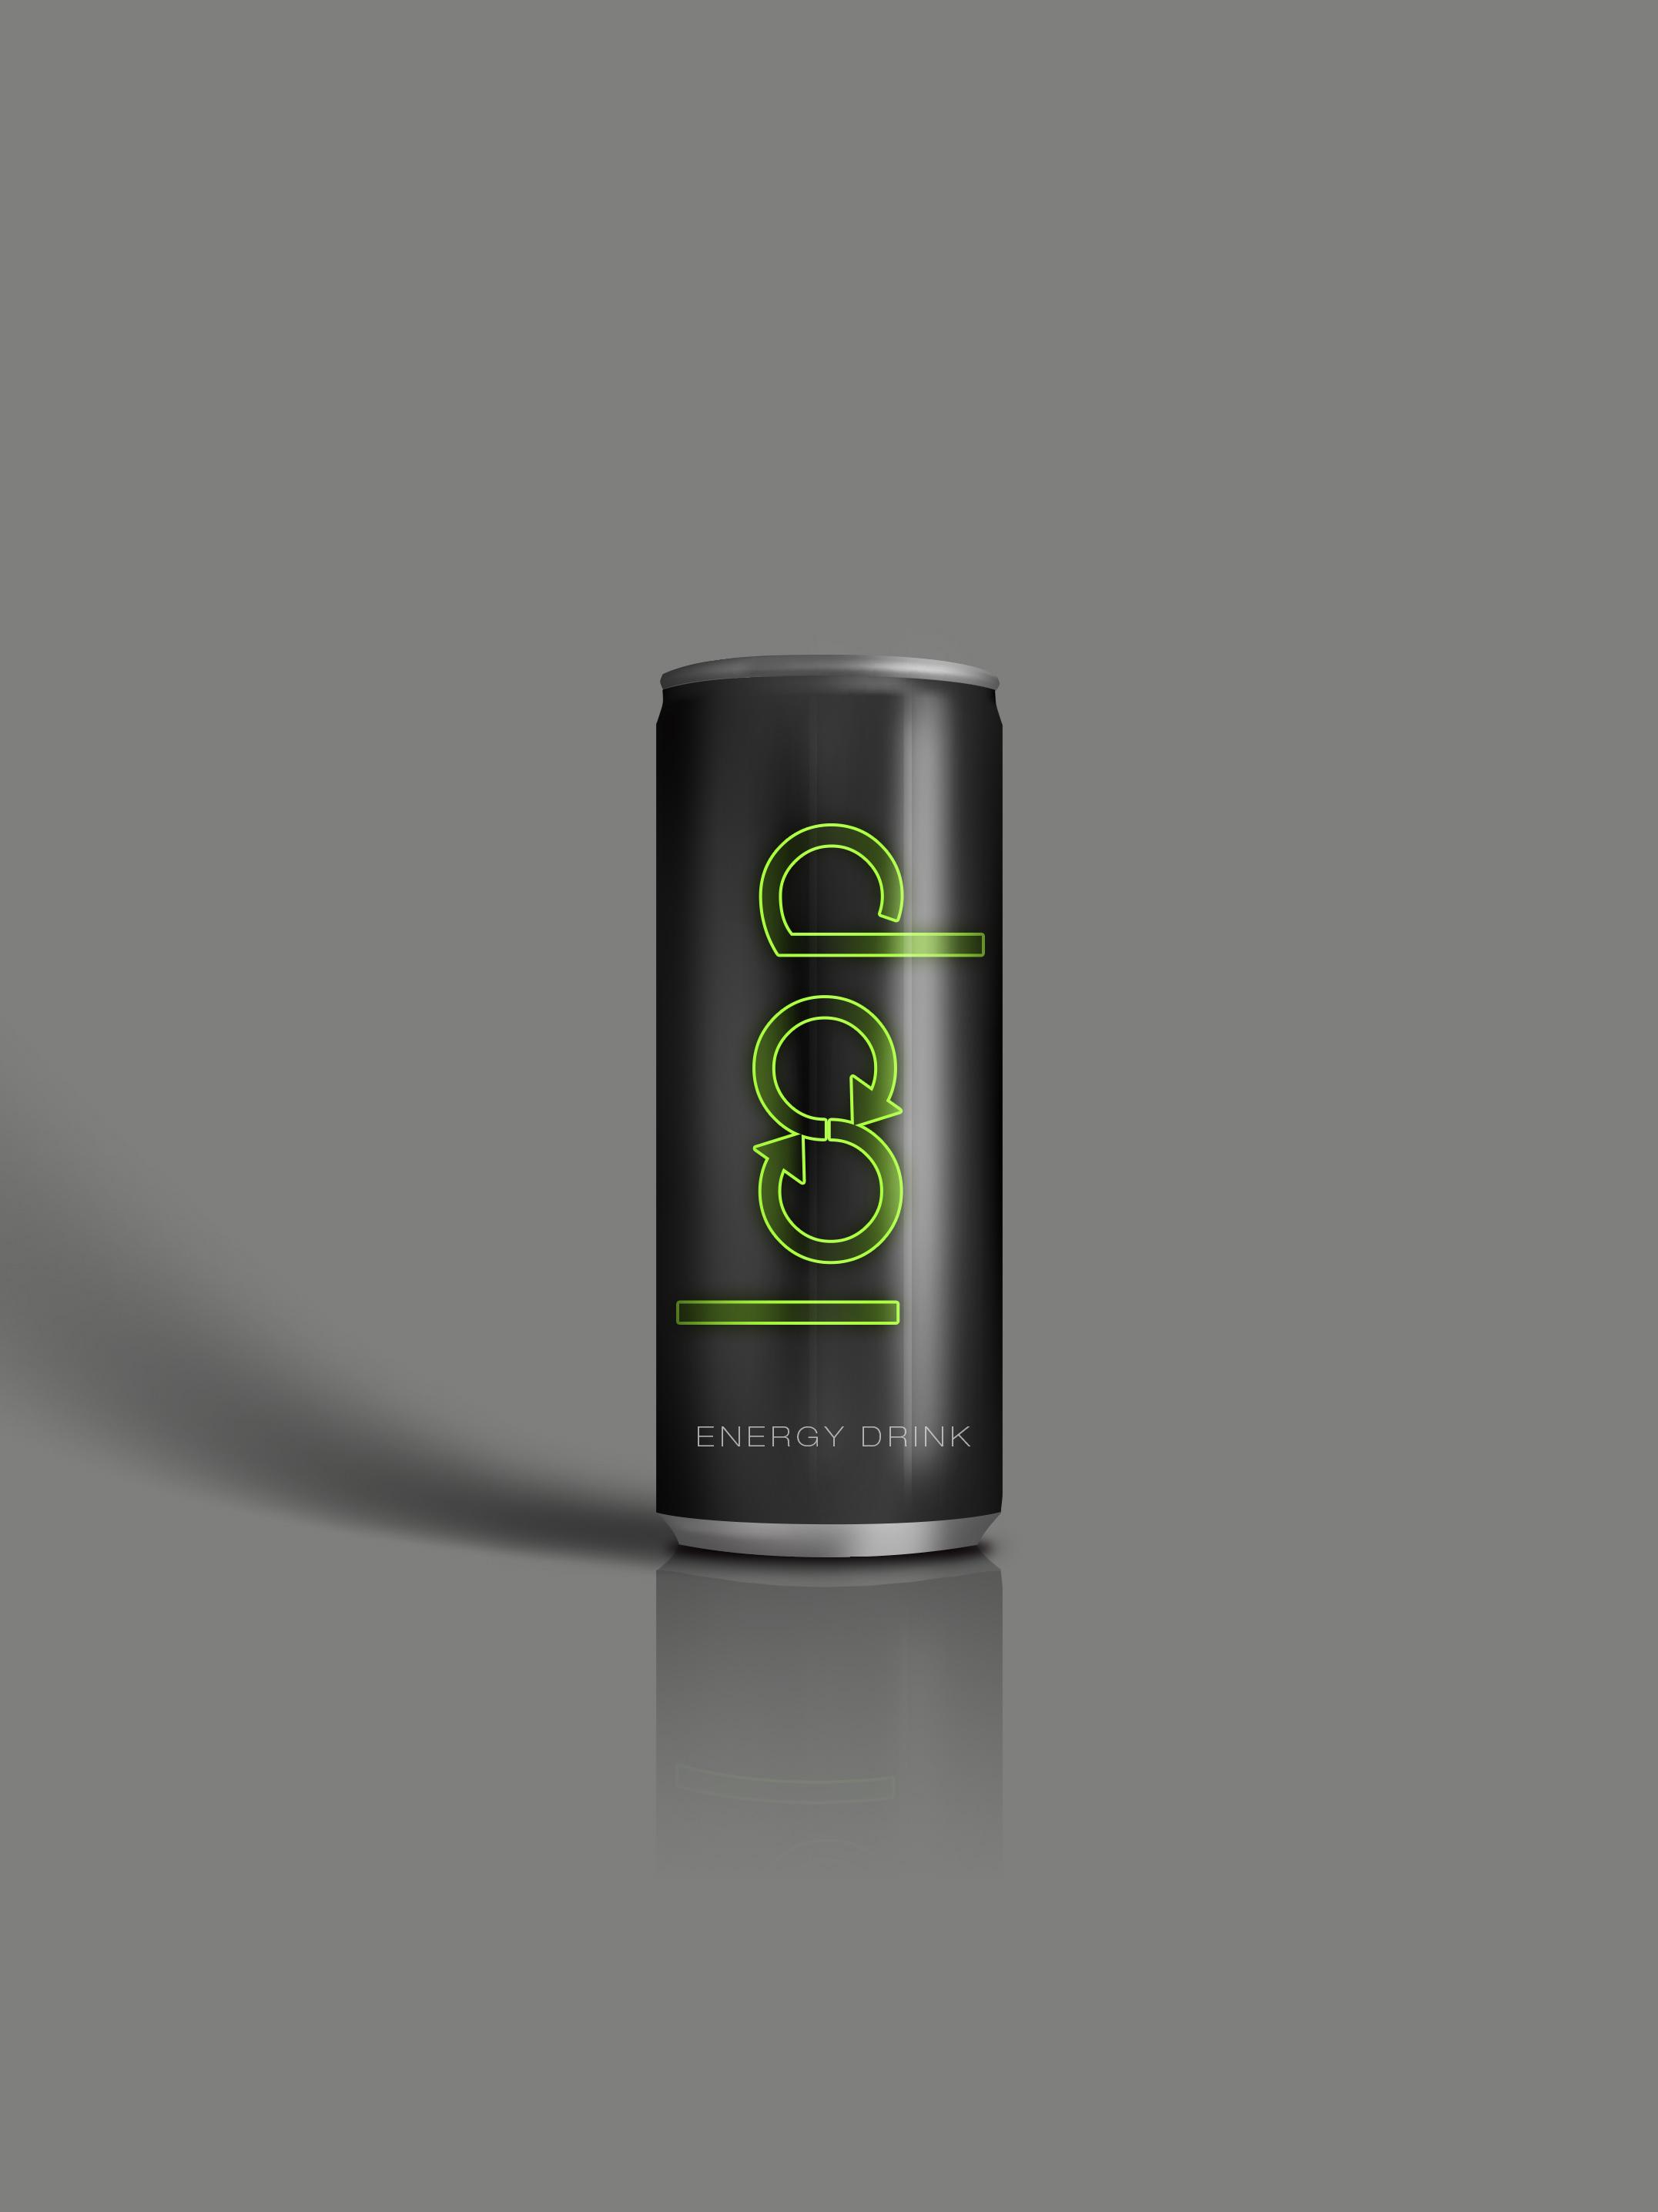 Loop - energy drink concept